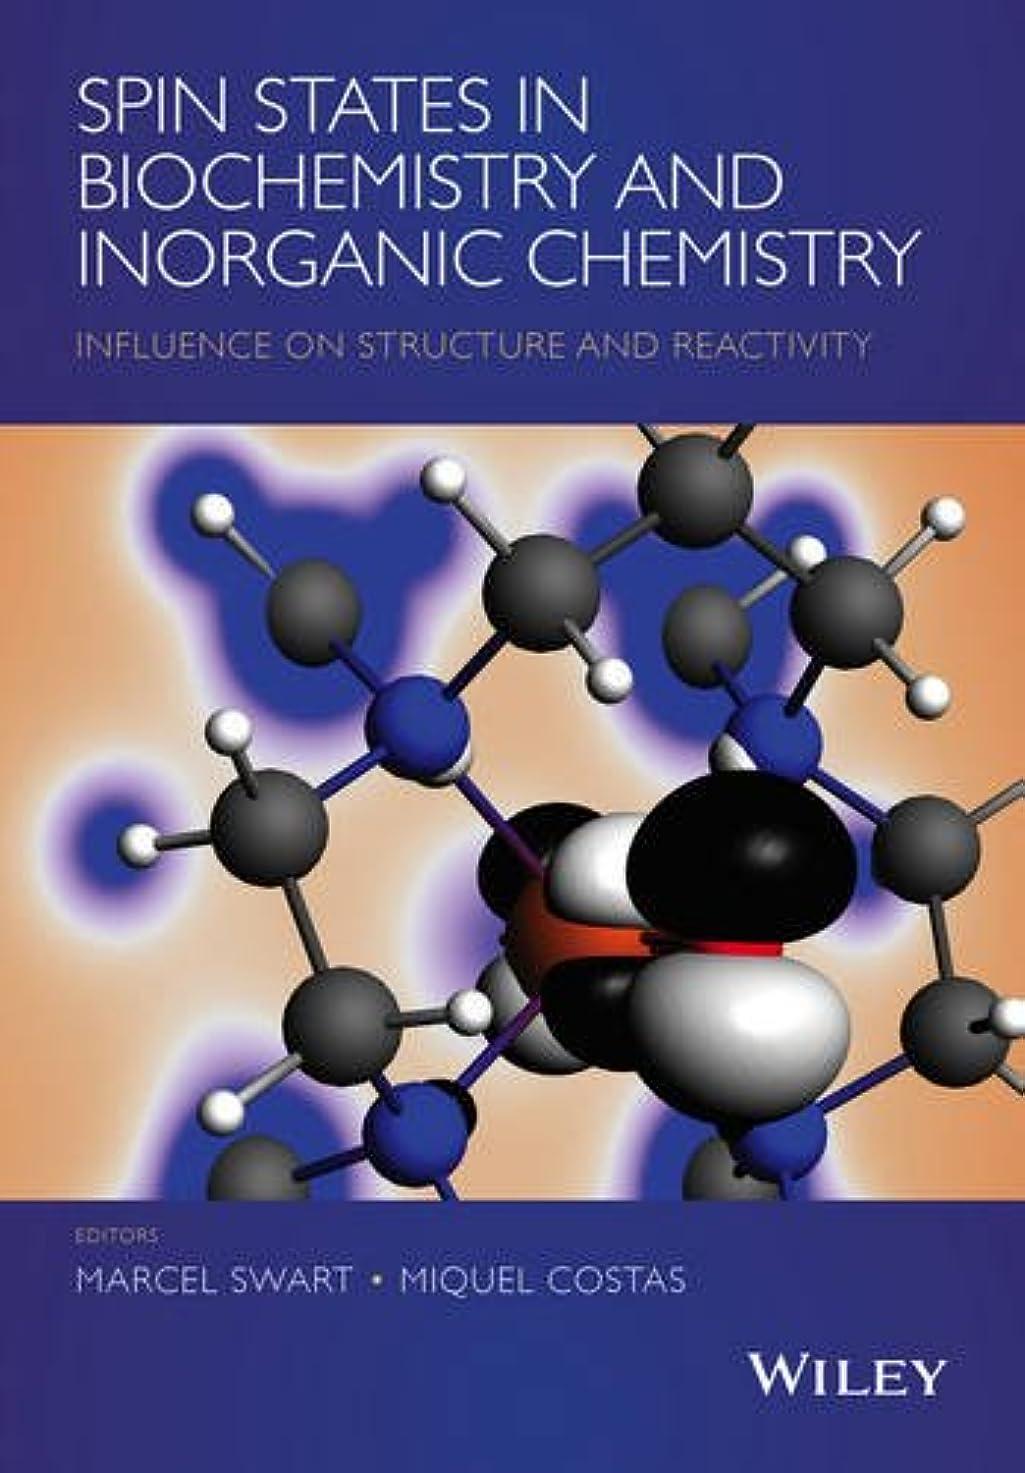 飾る有害霧深いSpin States in Biochemistry and Inorganic Chemistry: Influence on Structure and Reactivity